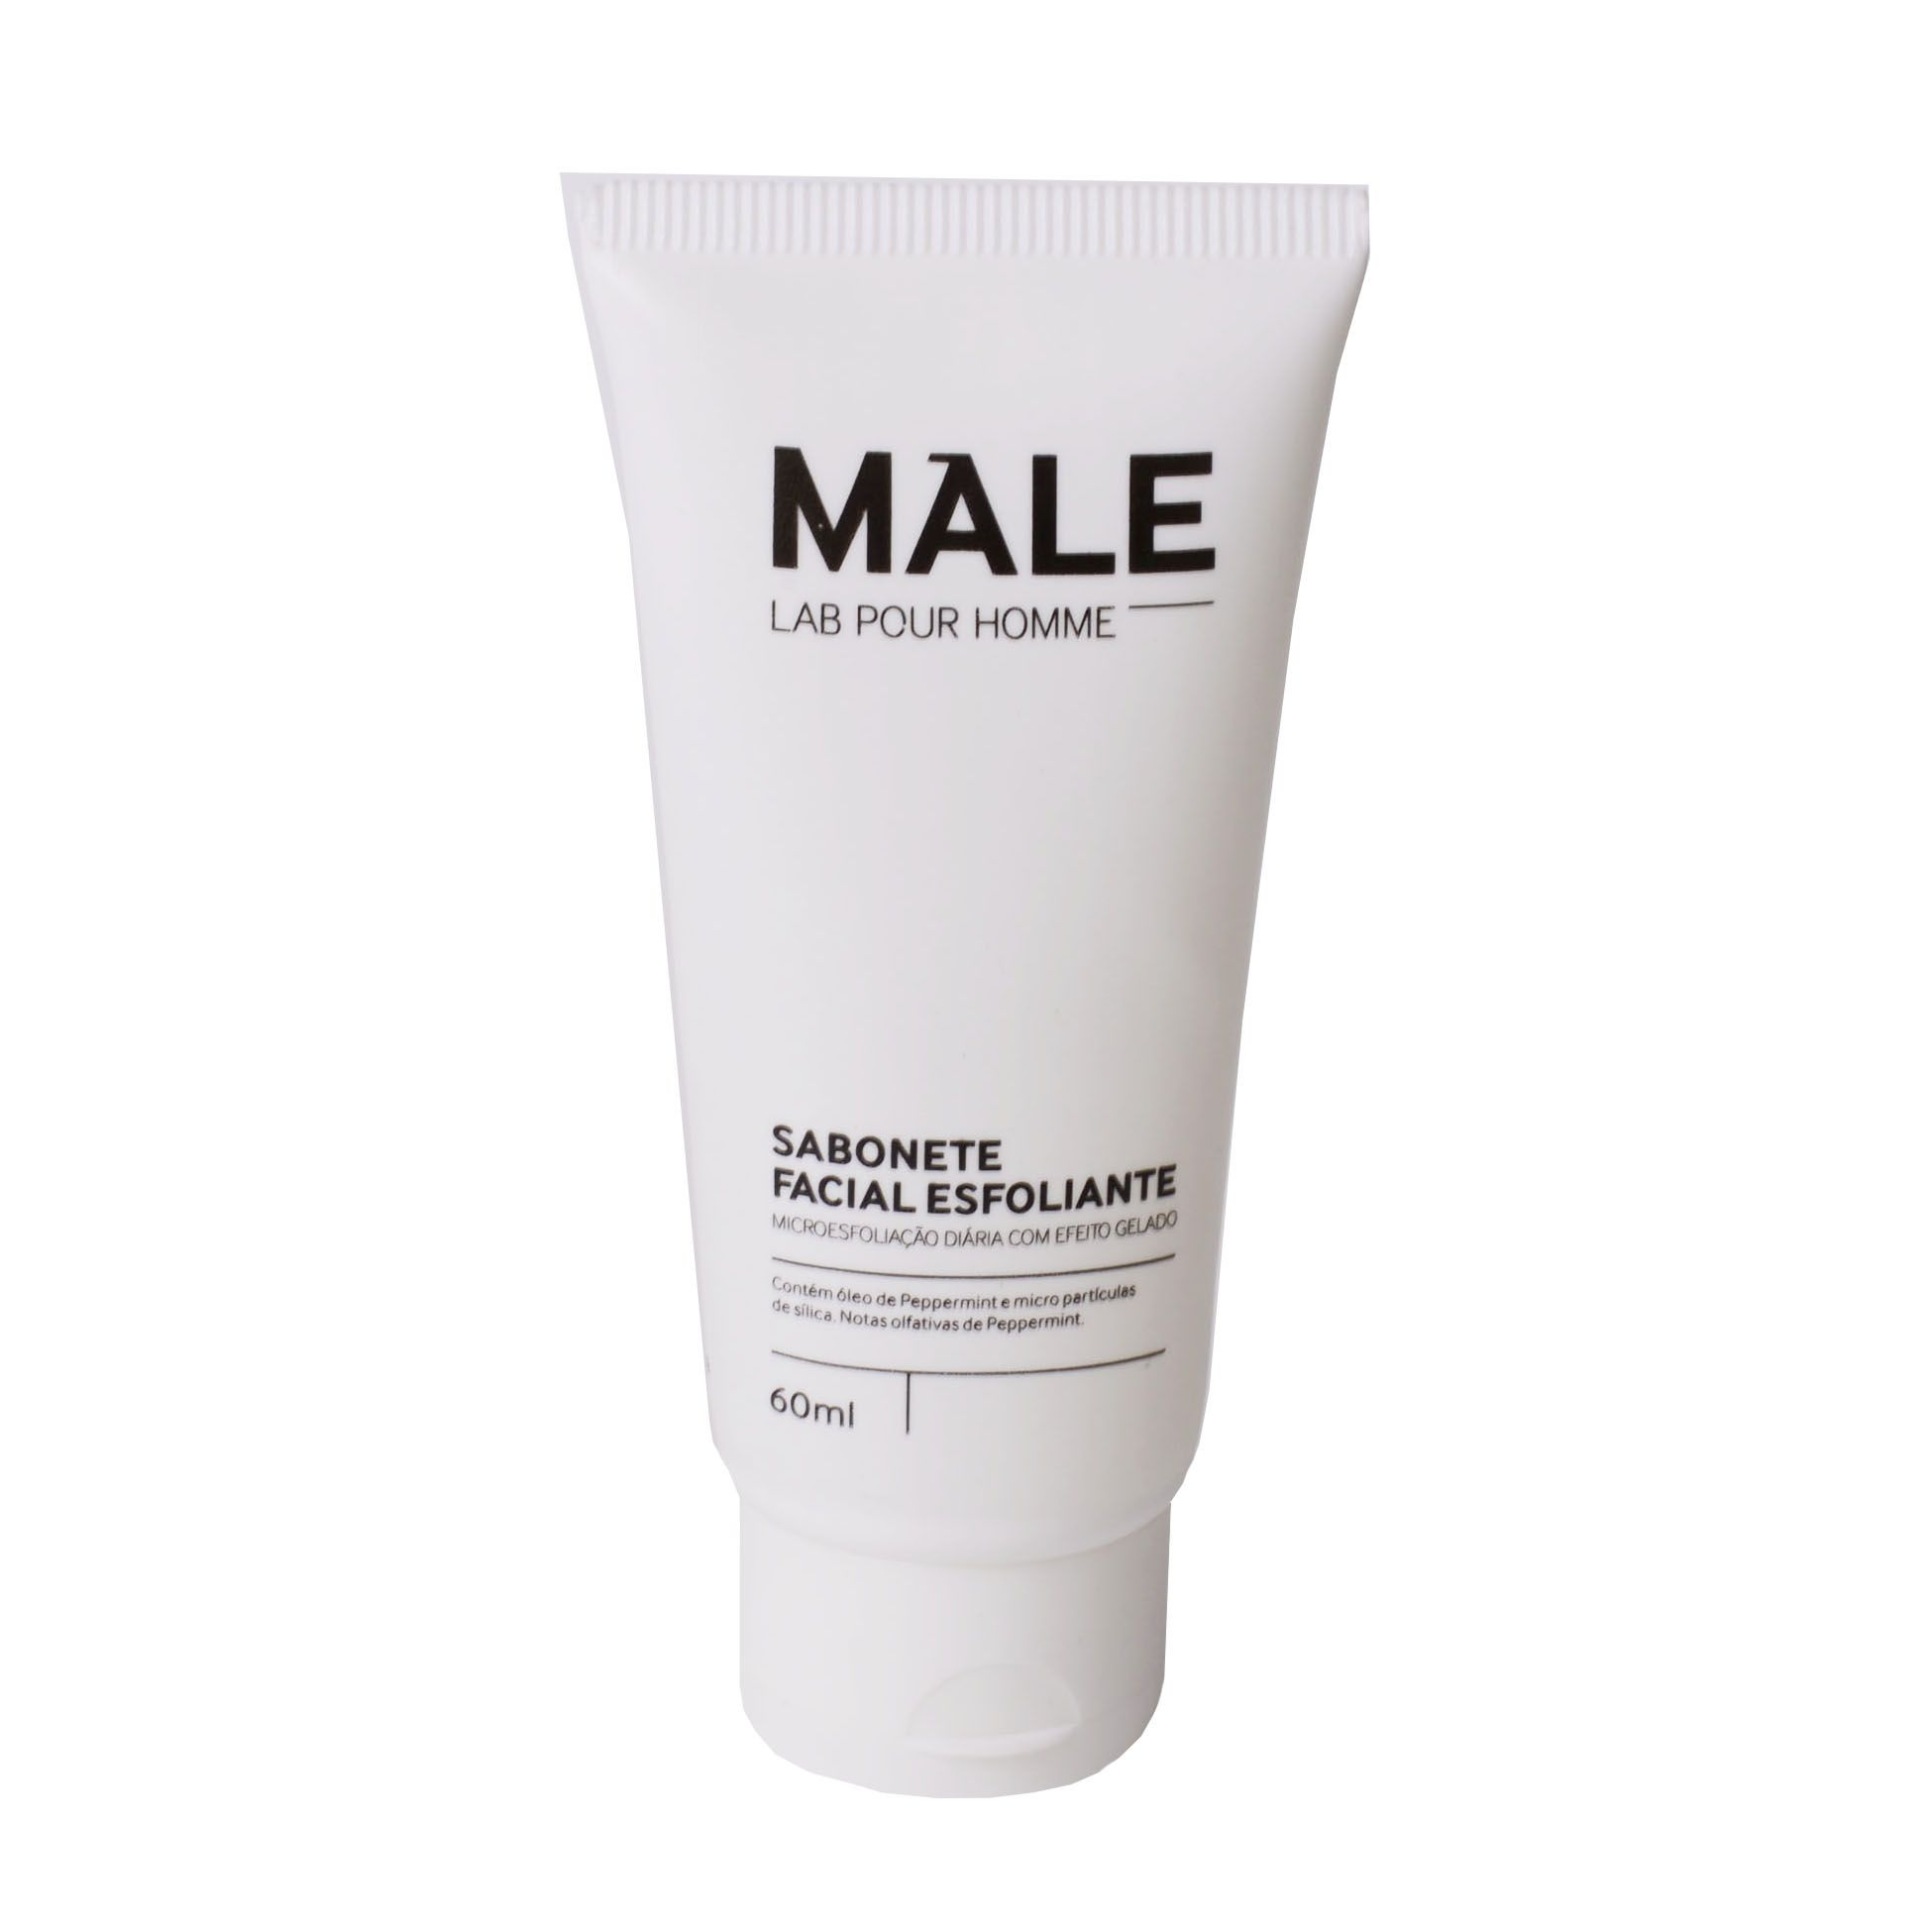 Sabonete Facial Esfoliante | Male Lab Pour Homme